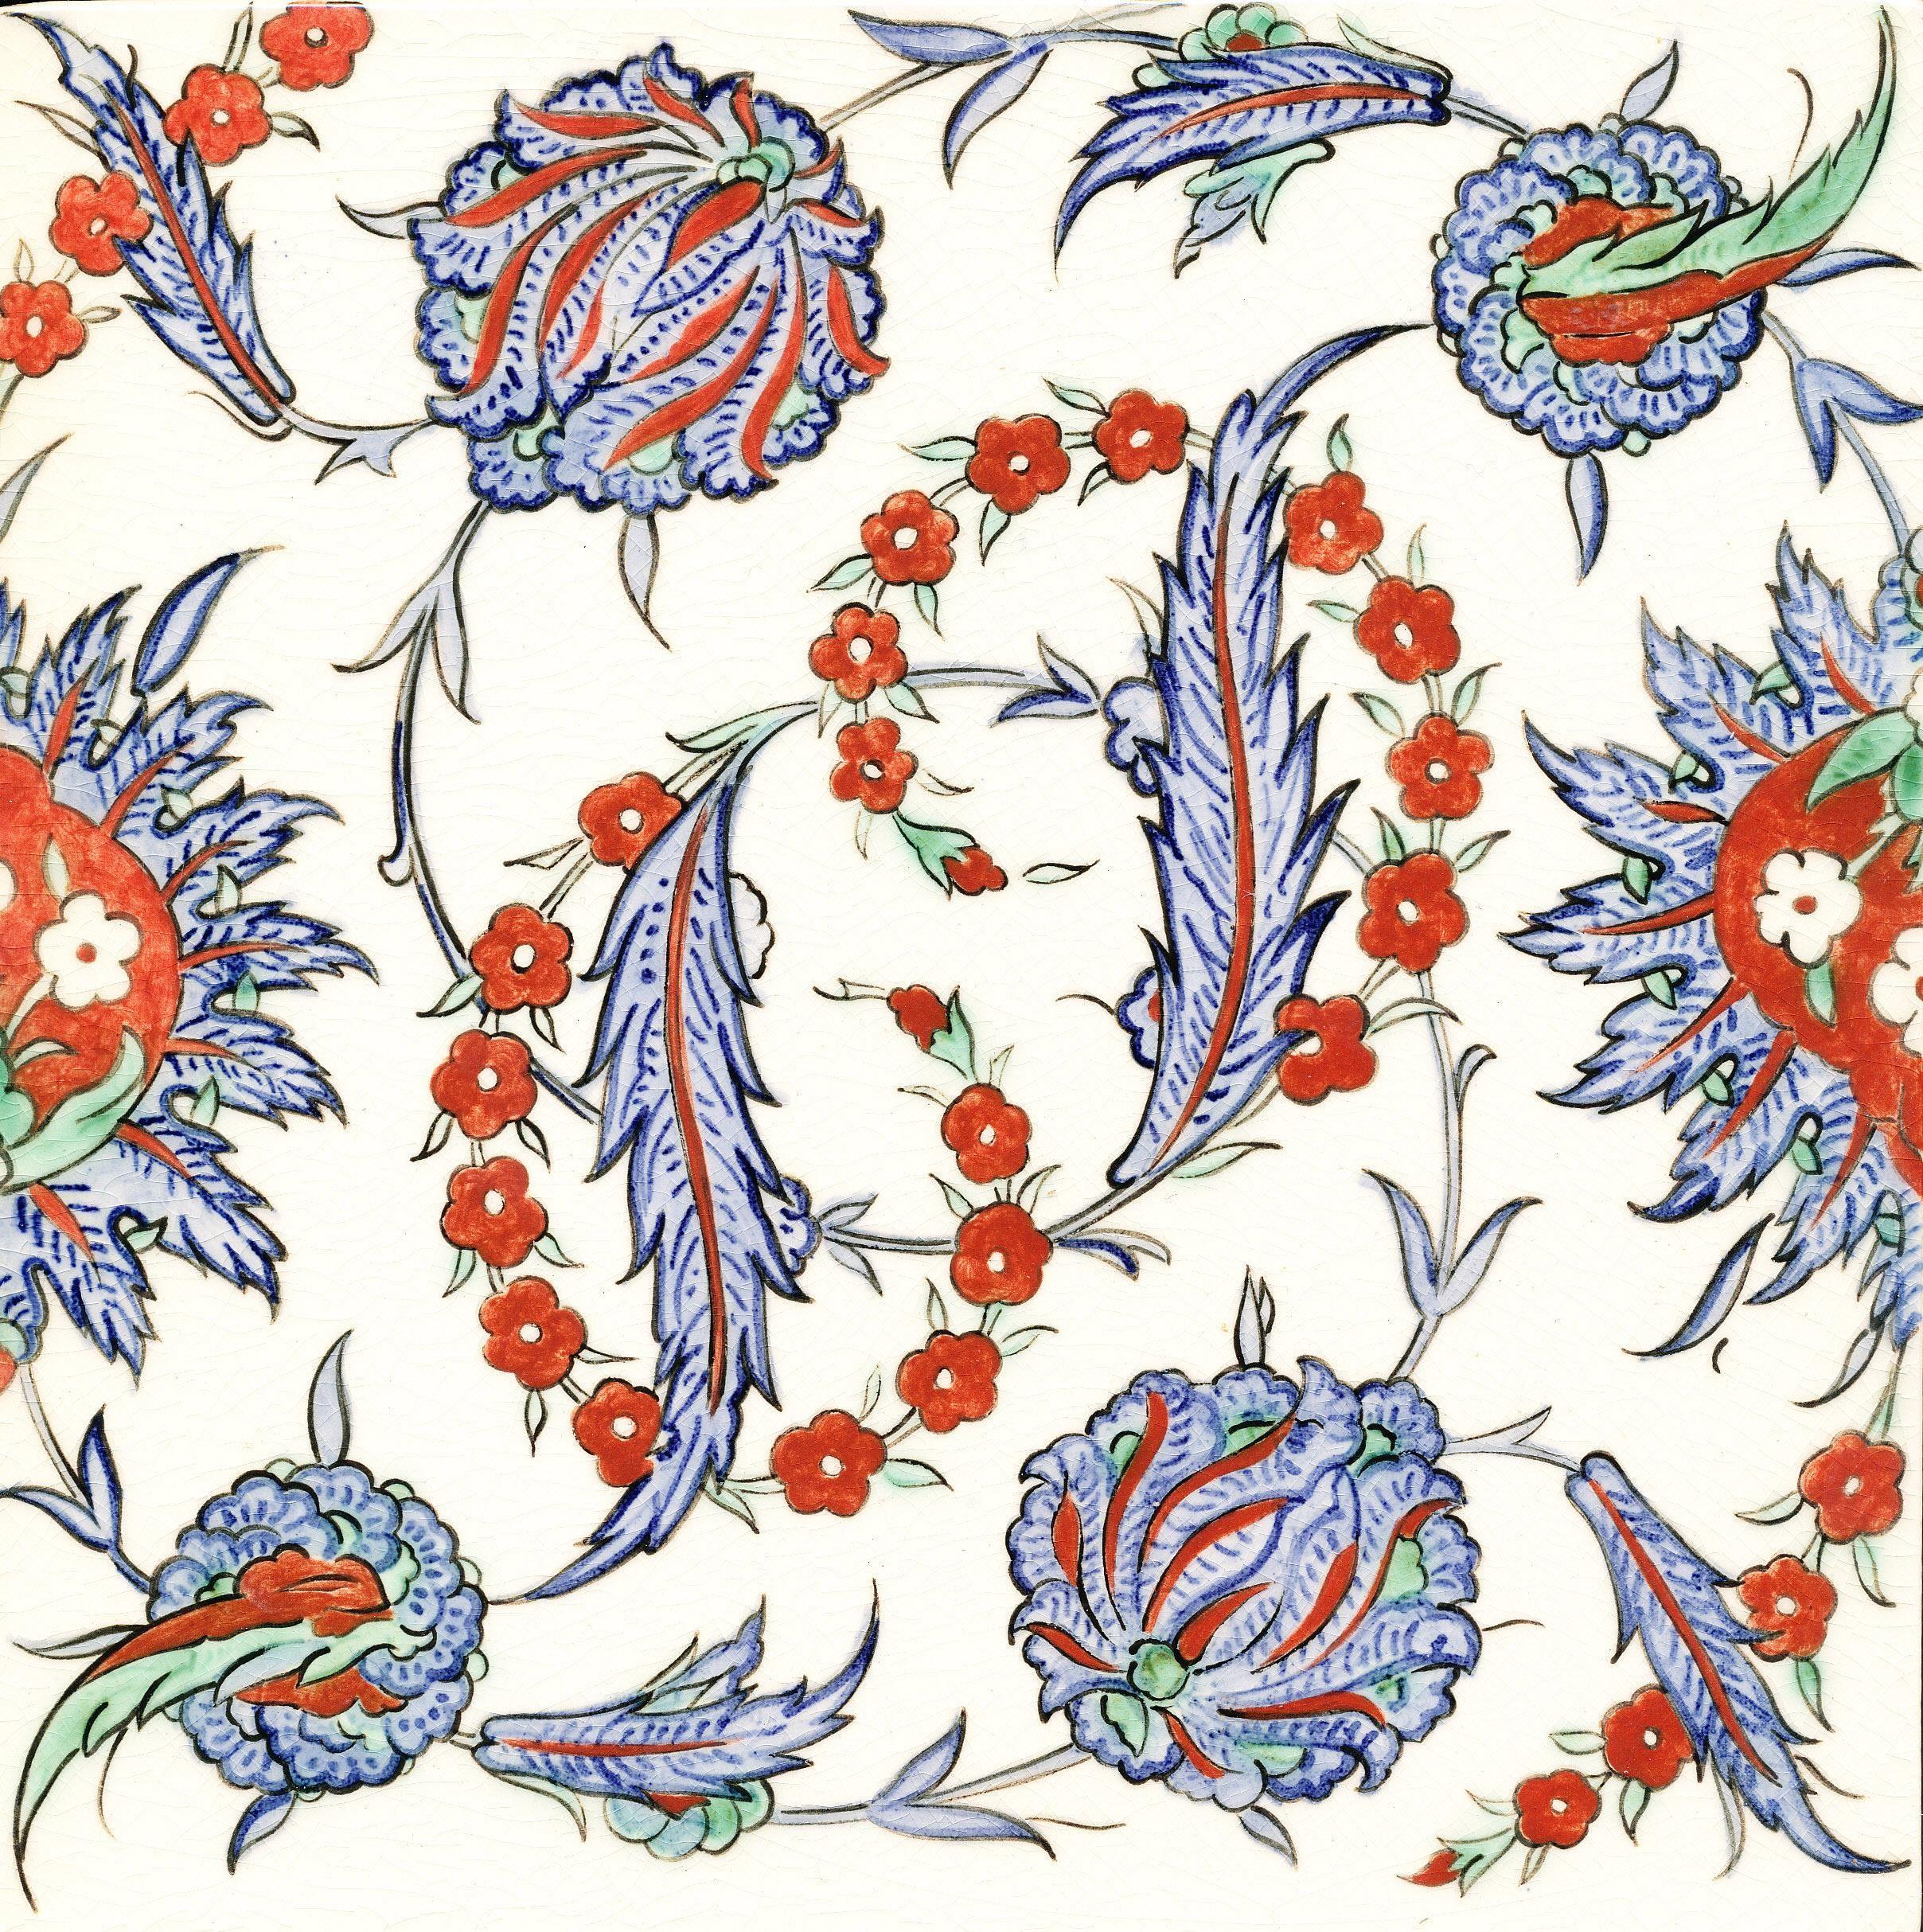 Nicholas Riley Iznik Tile Price: £80.00 | Iznik Ceramic Tiles and ...